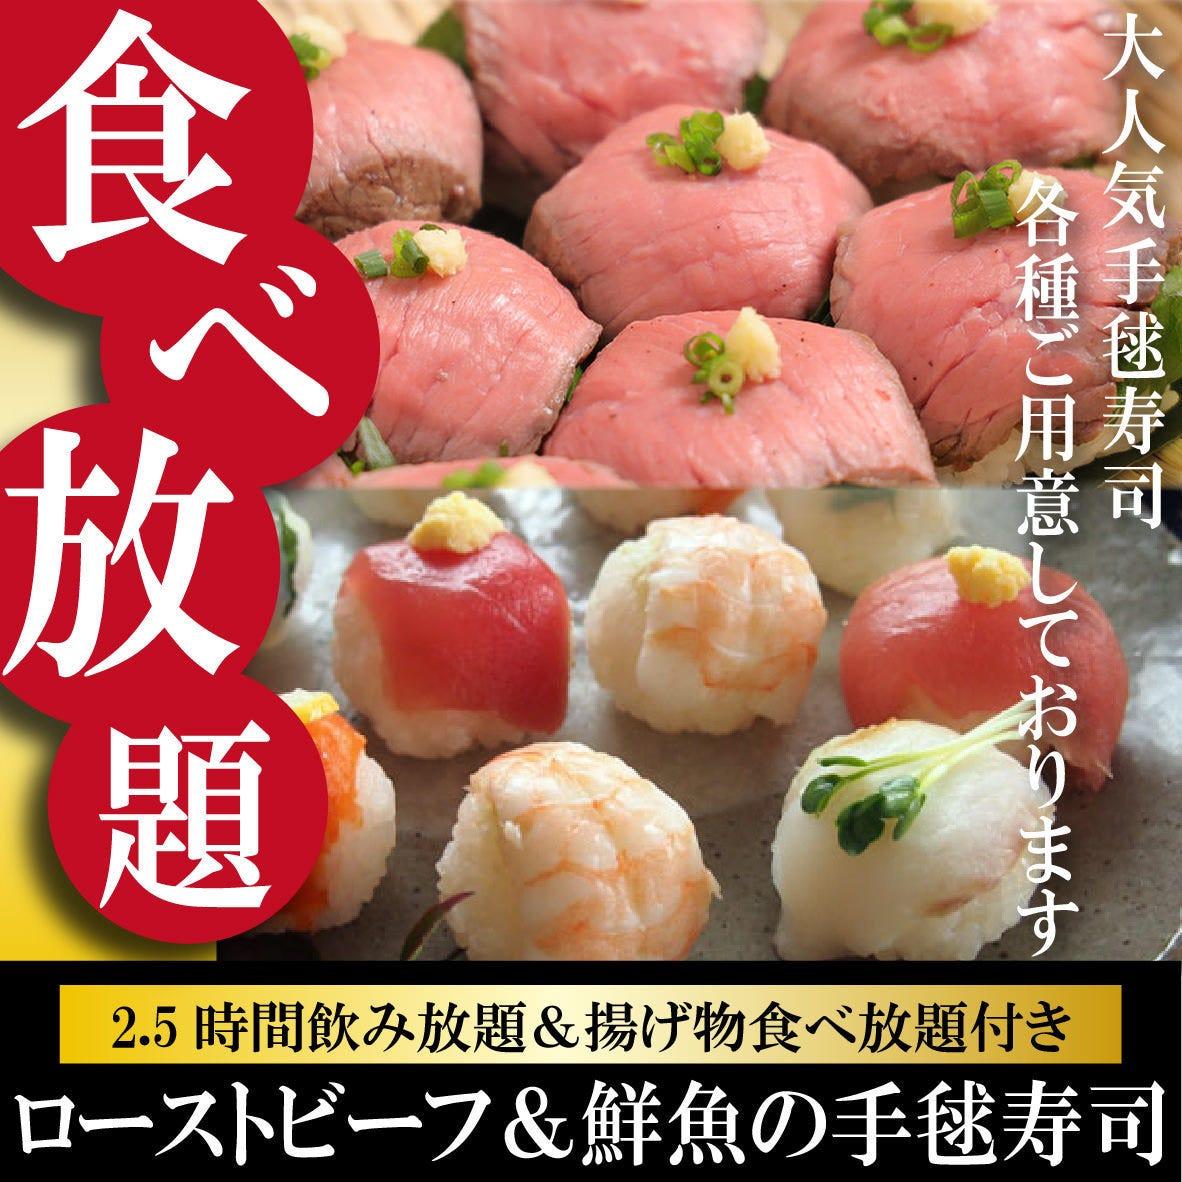 手毬寿司の食べ放題♪